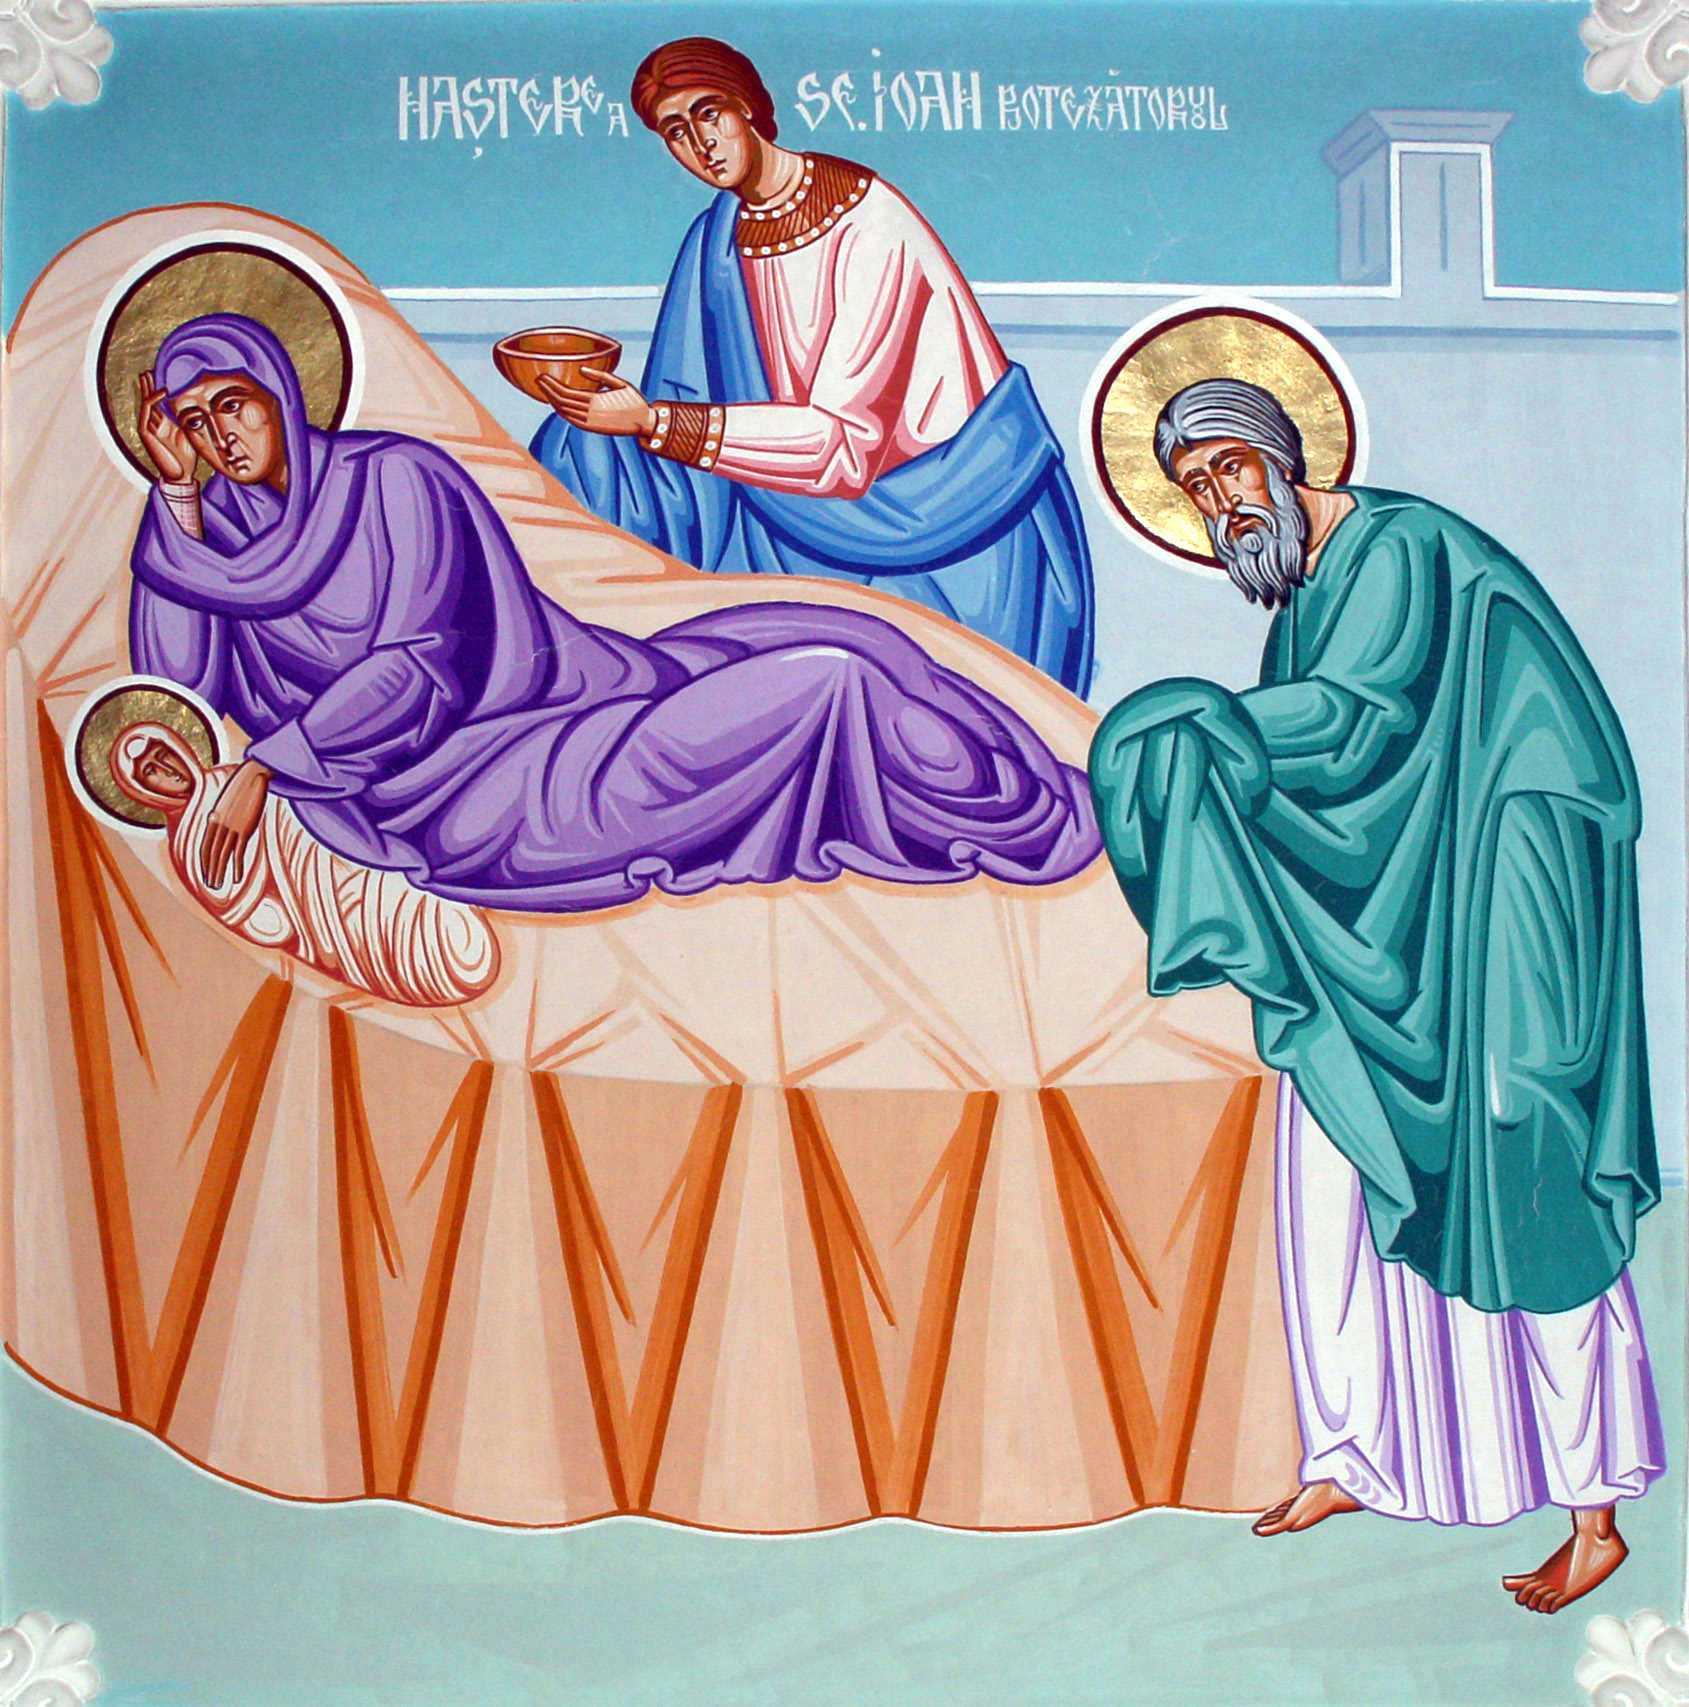 Cuvânt la NAȘTEREA SFÂNTULUI IOAN BOTEZĂTORUL al Părintelui PETRONIU TĂNASE: <i>&#8220;Este o lege pentru tot creştinul: în fiecare din noi, Hristos trebuie să crească, iar omul să se micşoreze&#8221;</i>. NEVOIA DE SMERENIE ȘI DE POSTIRE